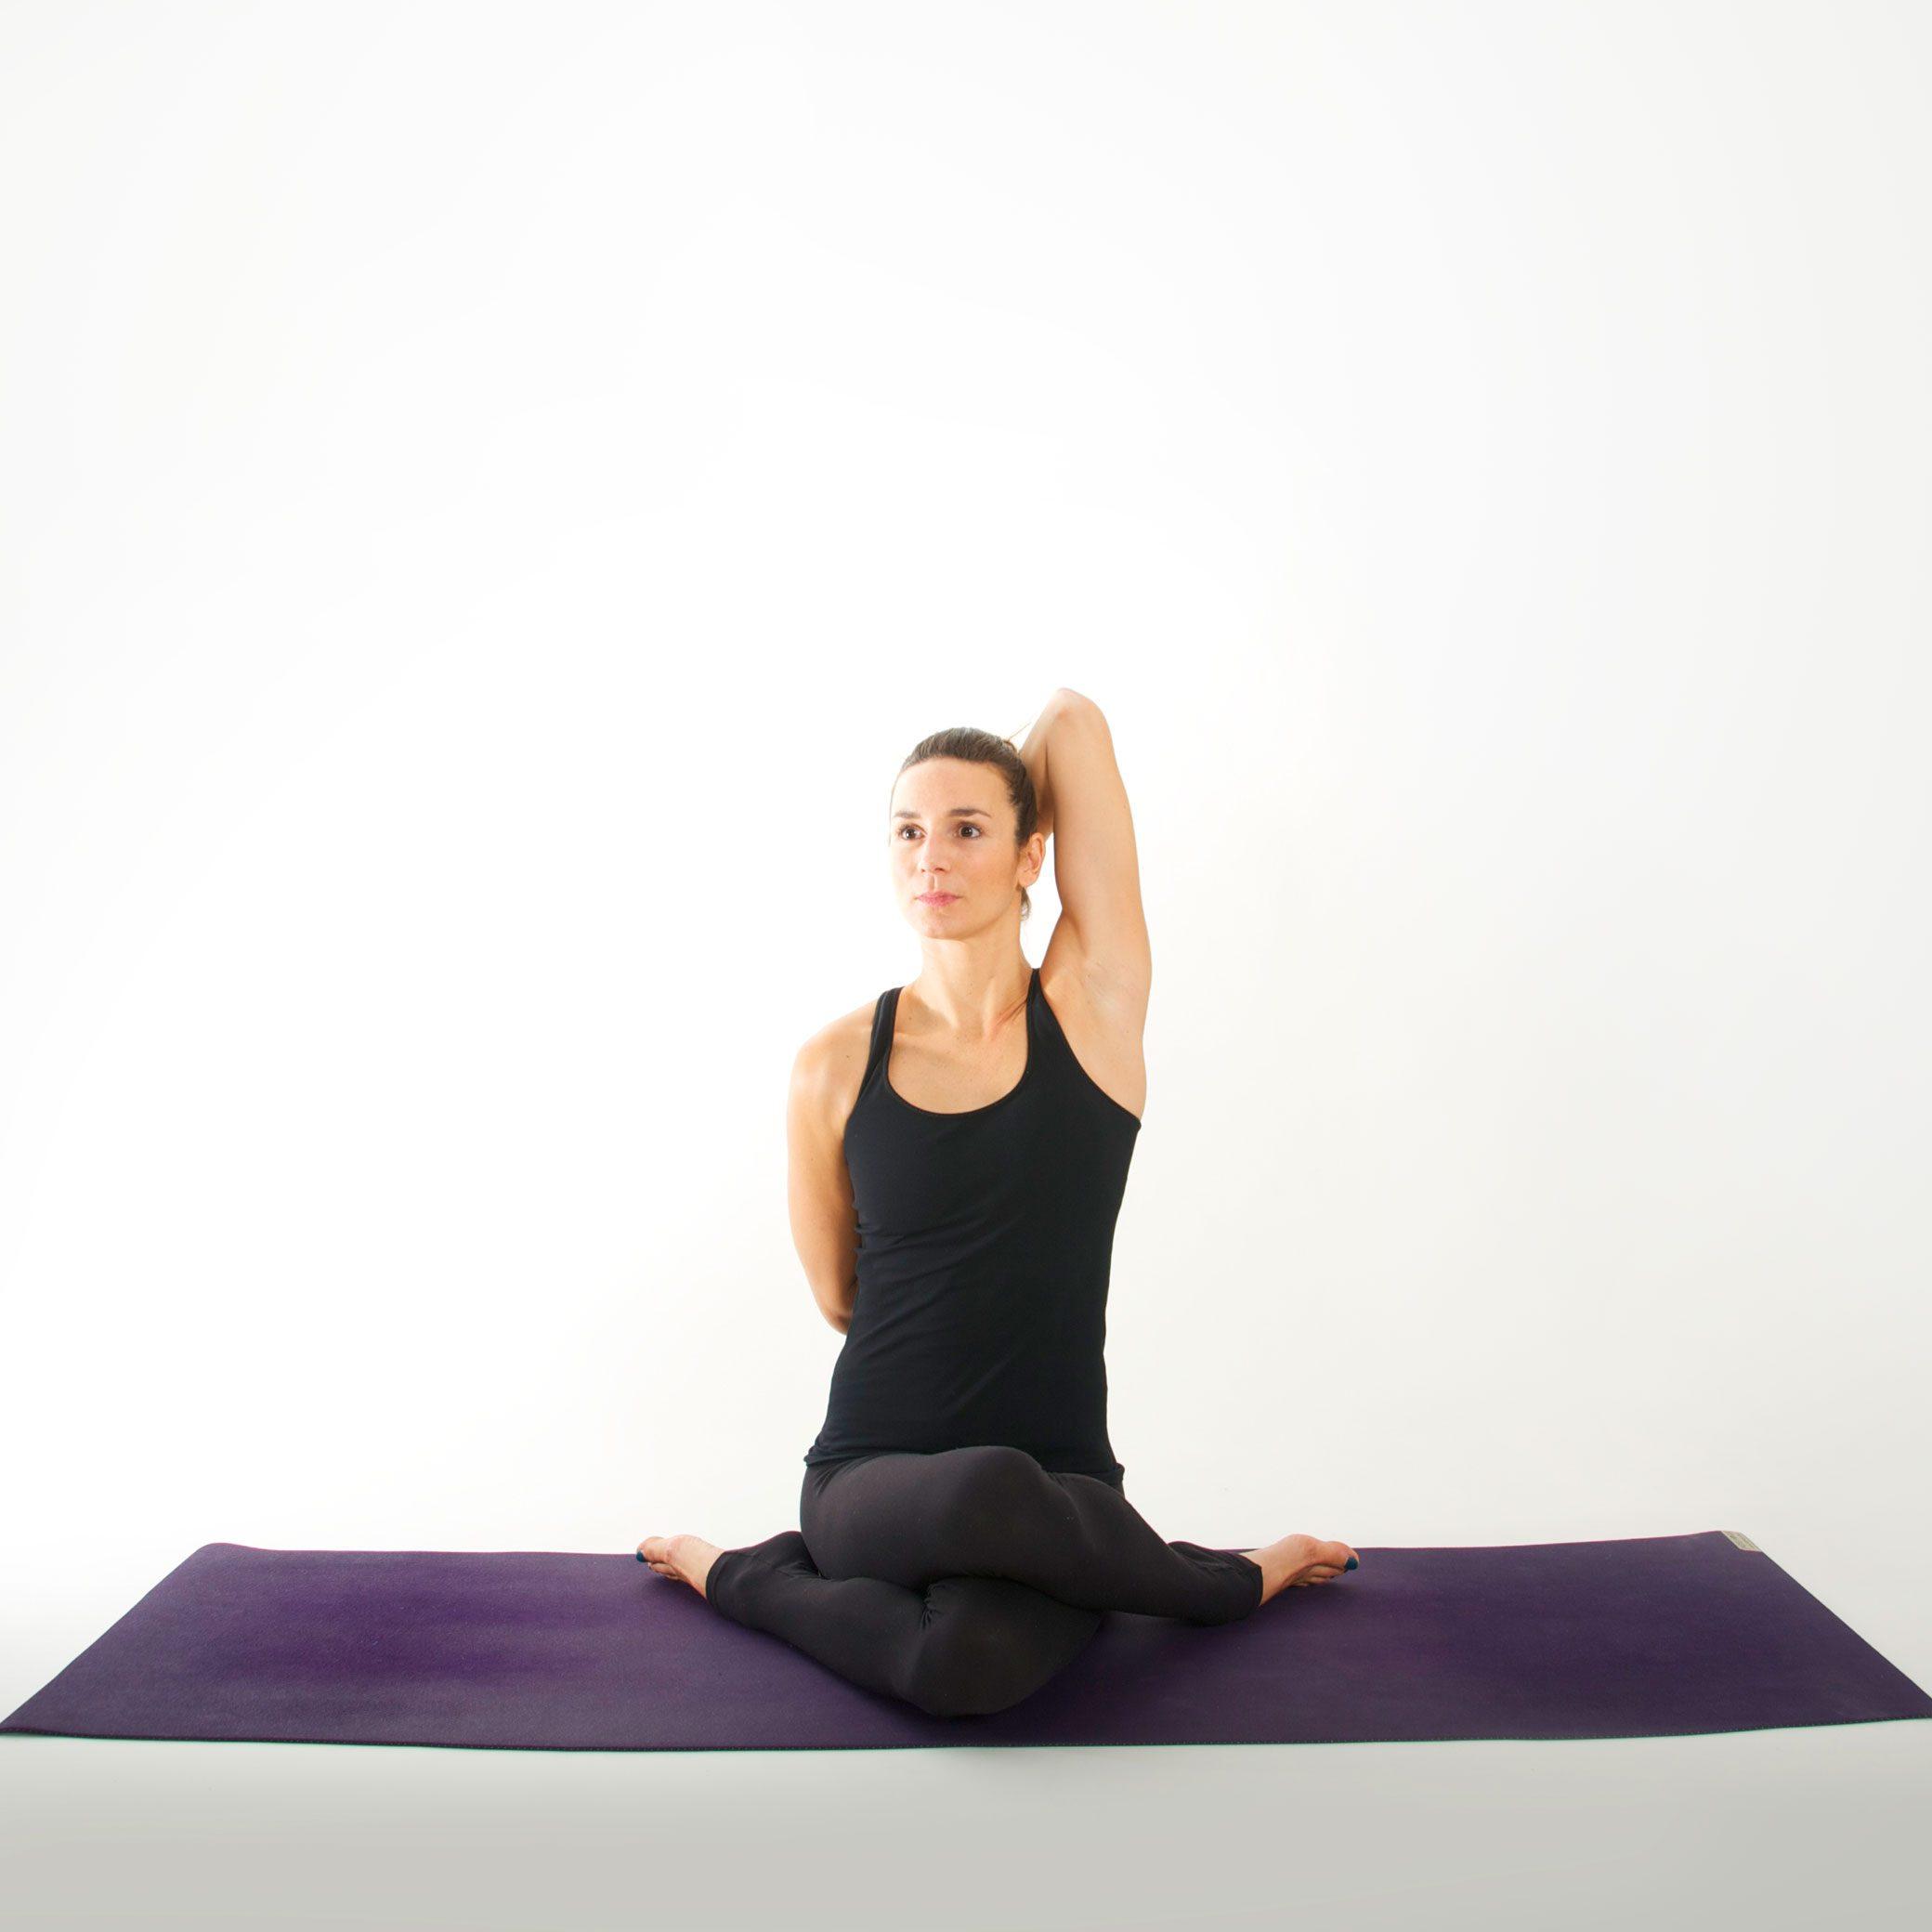 Yoga Asana I KUHGESICHT I myyogaflows